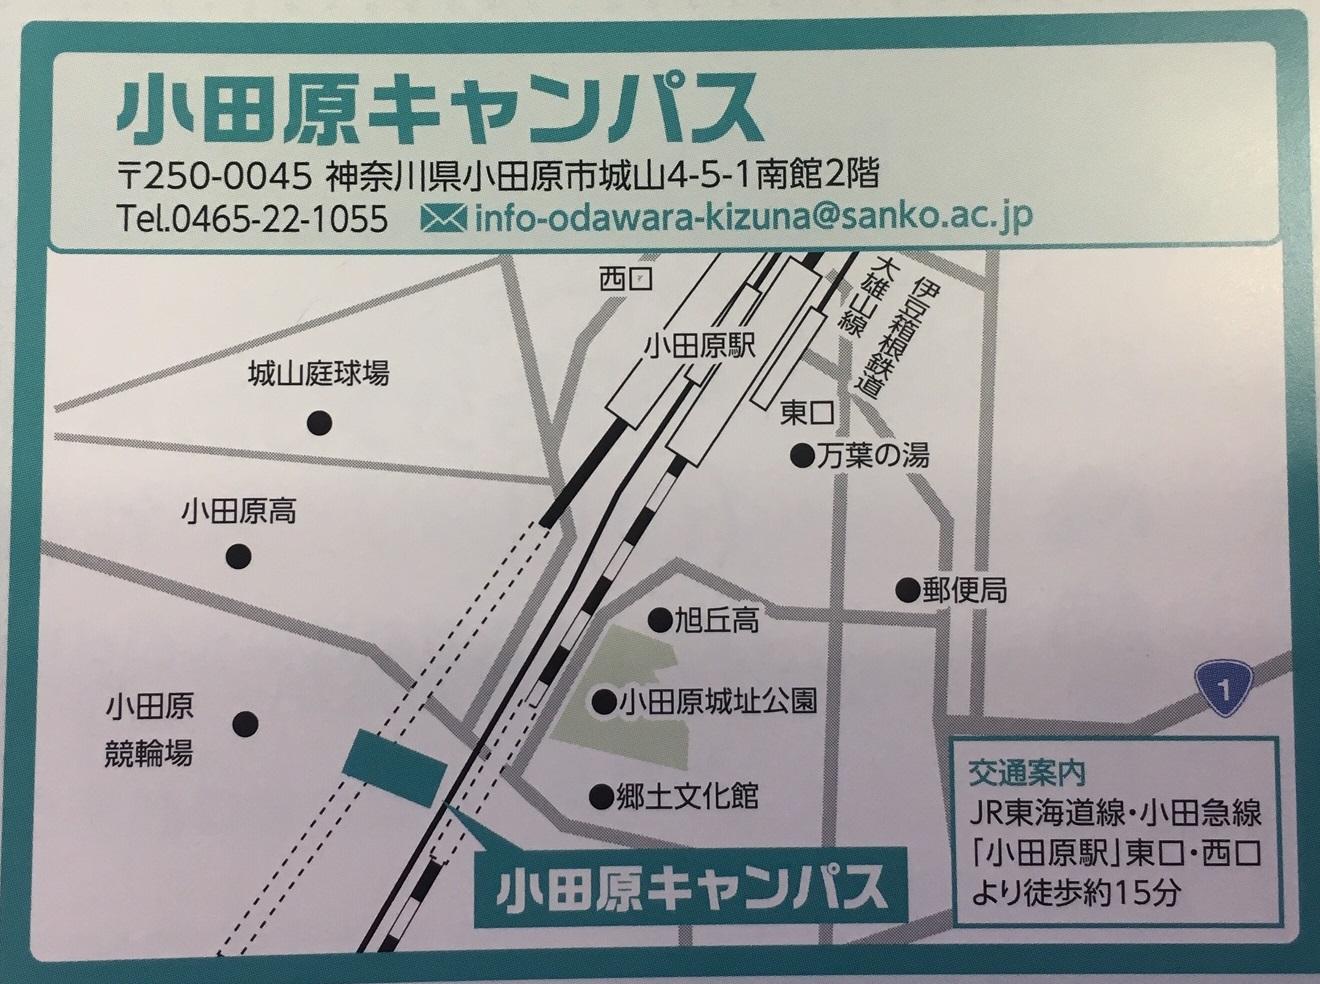 小田原キャンパス地図.jpg